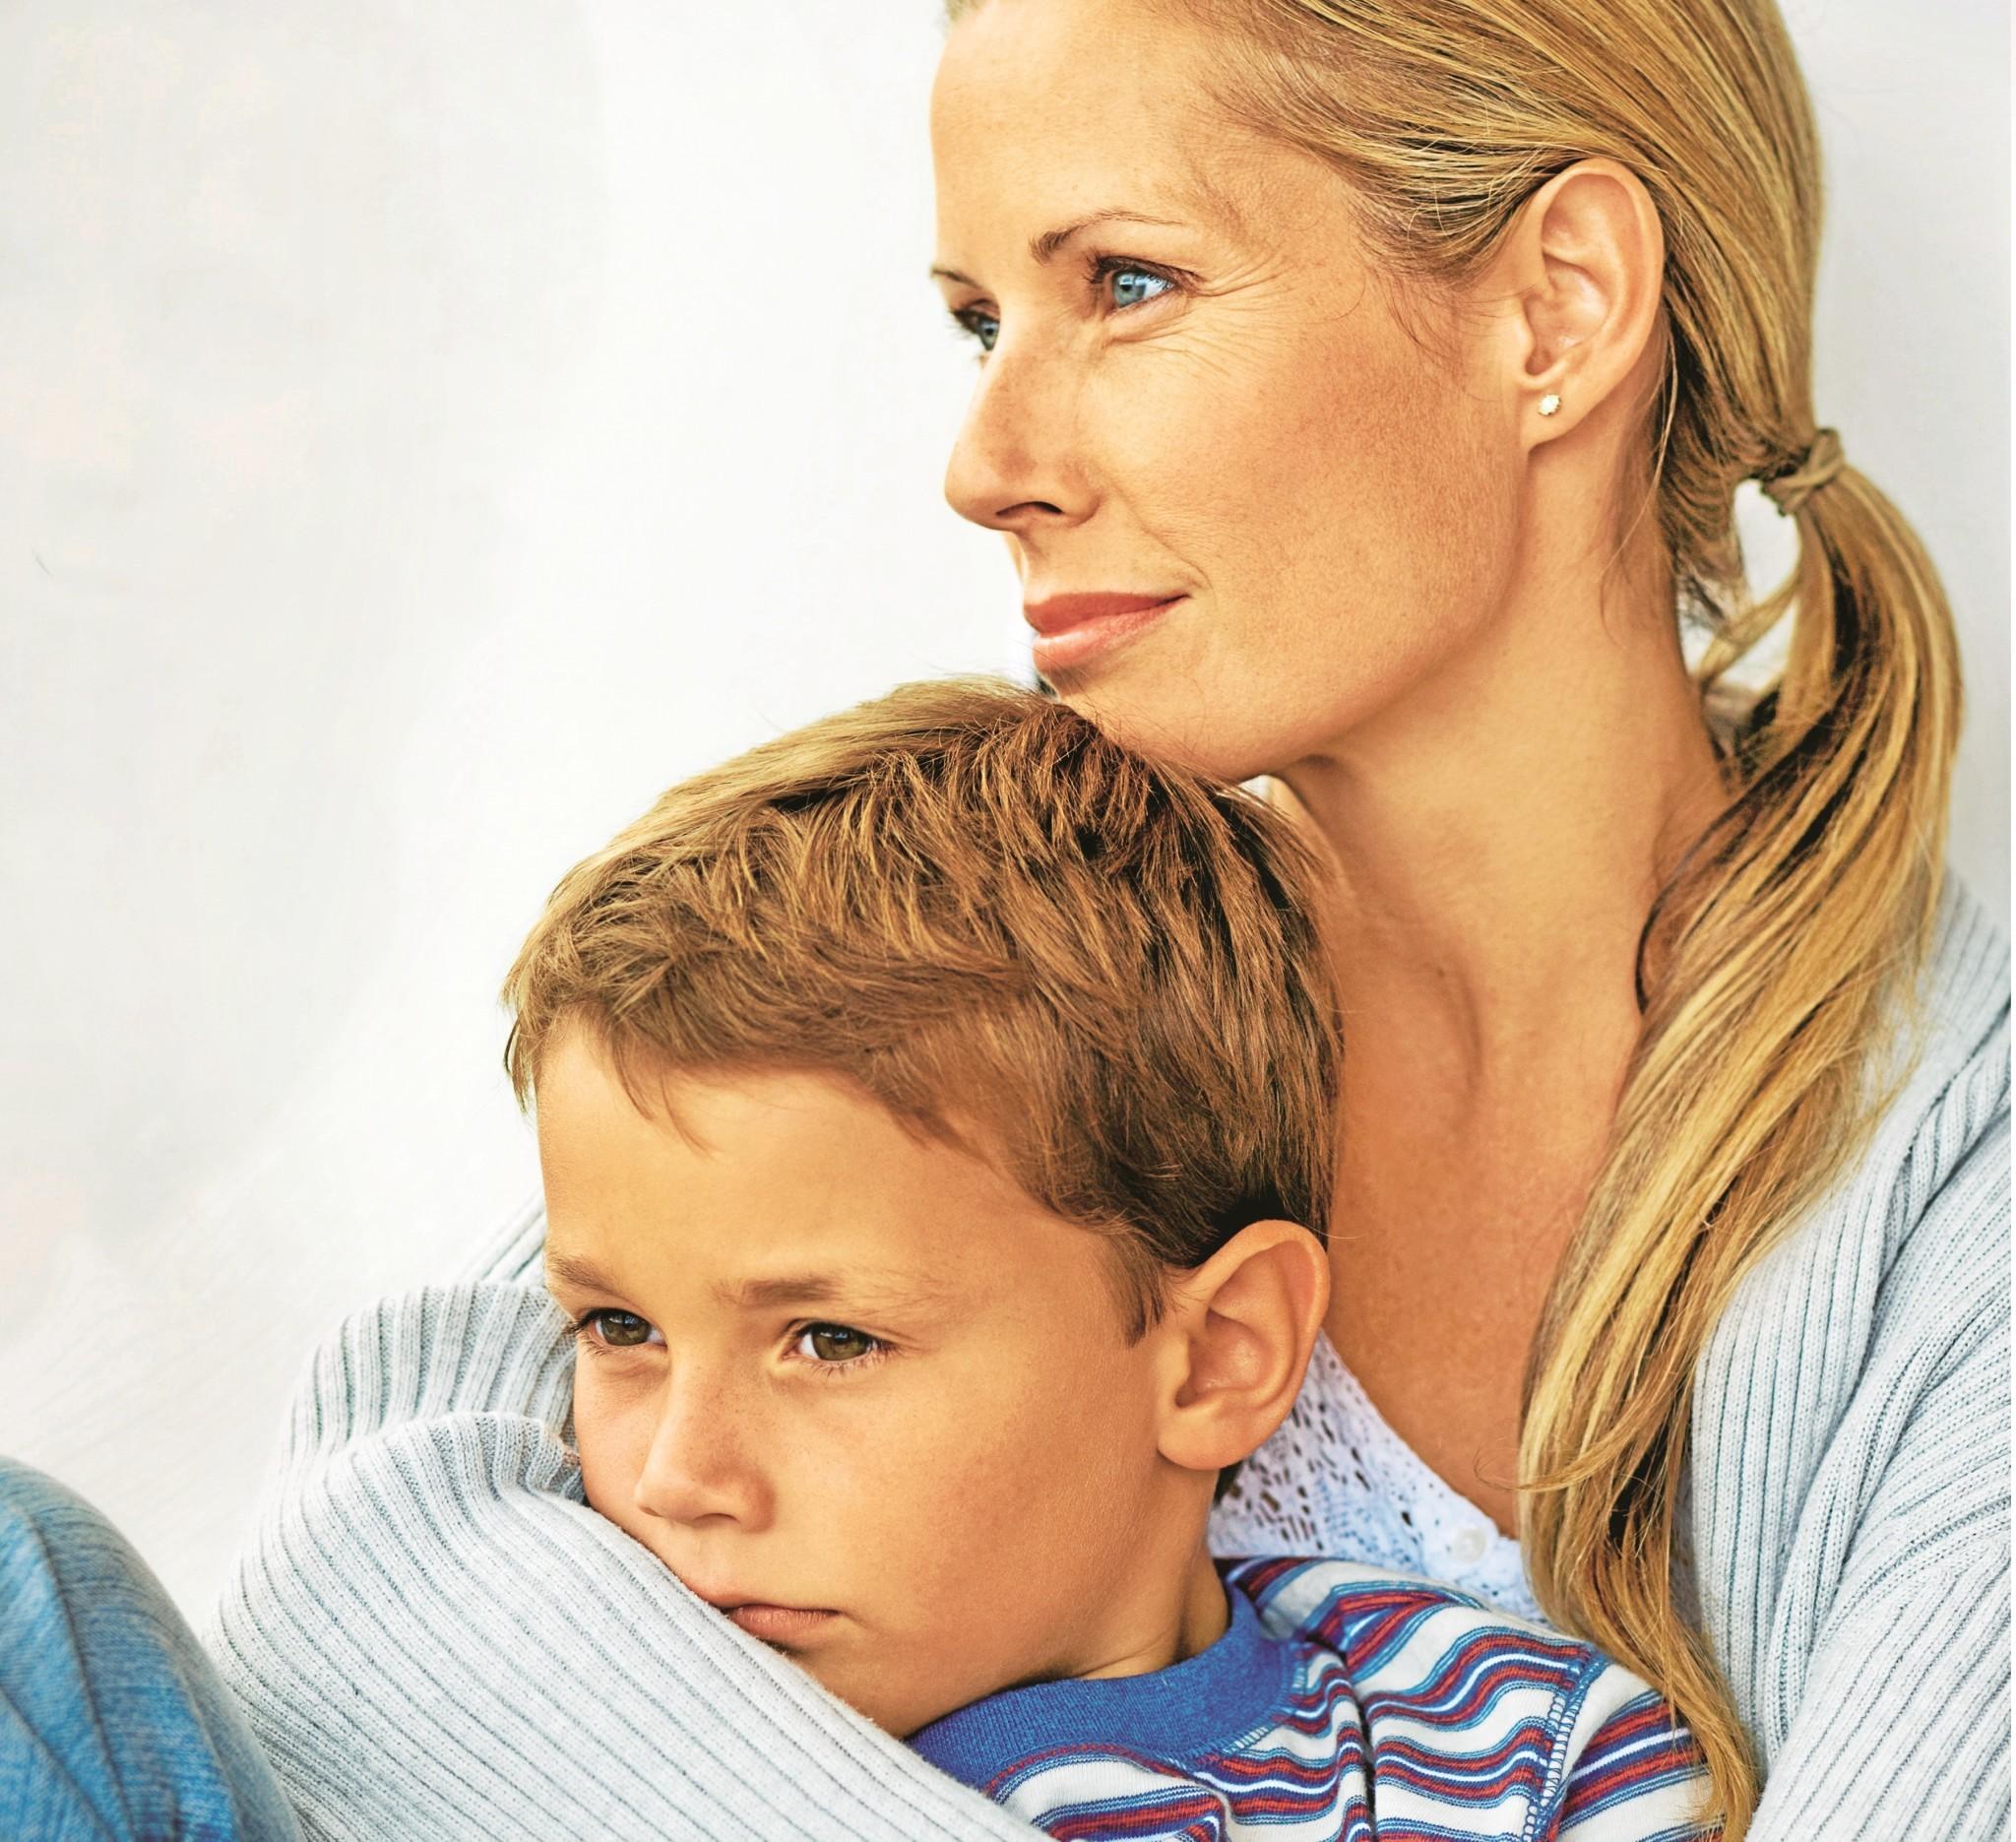 Мать-одиночка: три главные ошибки в поведении